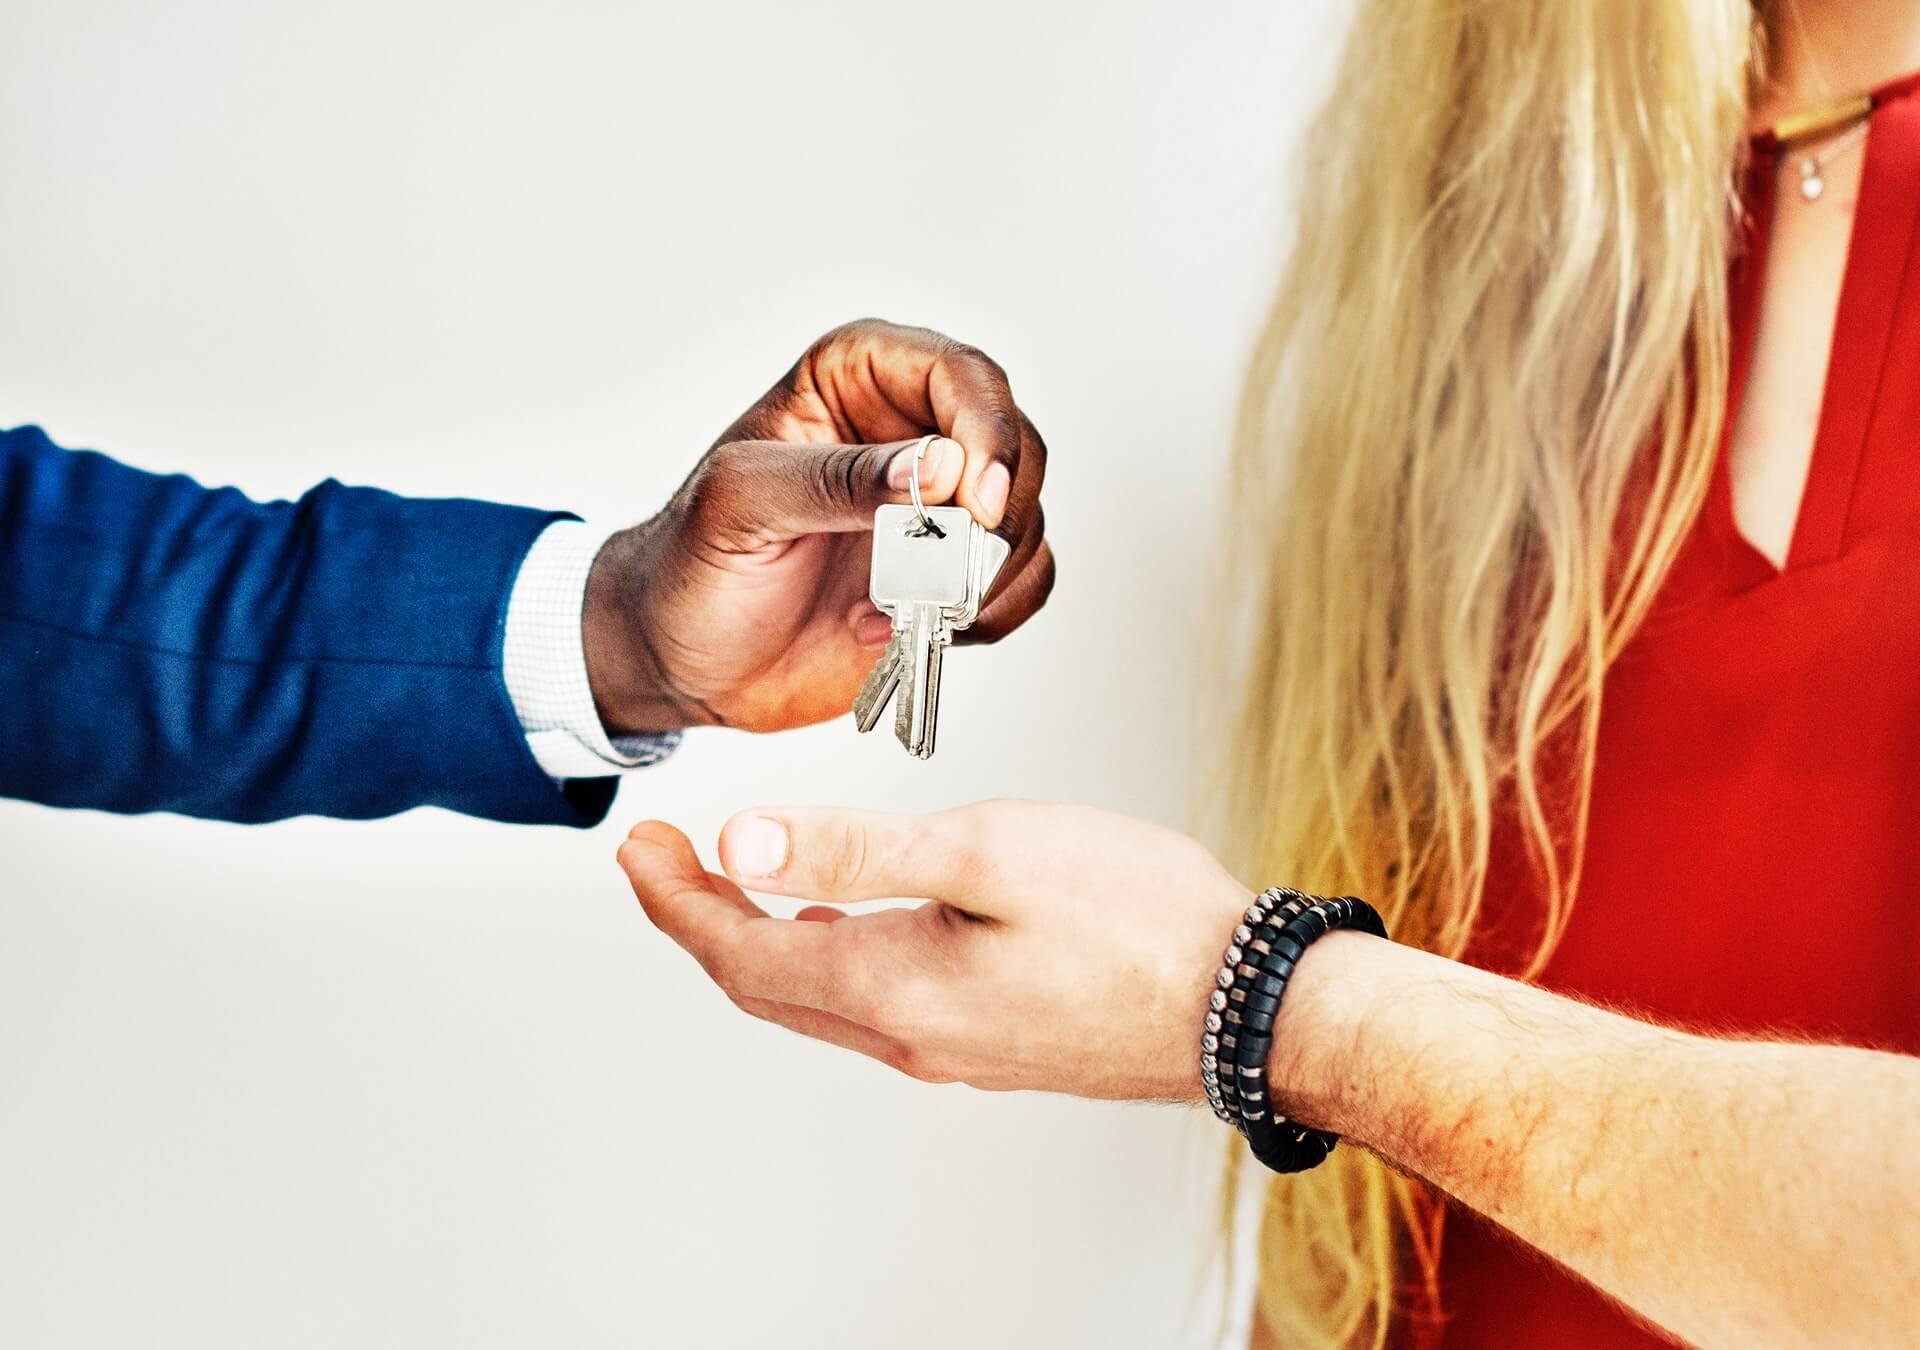 Urgentie na scheiding - Scheiden doe je samen